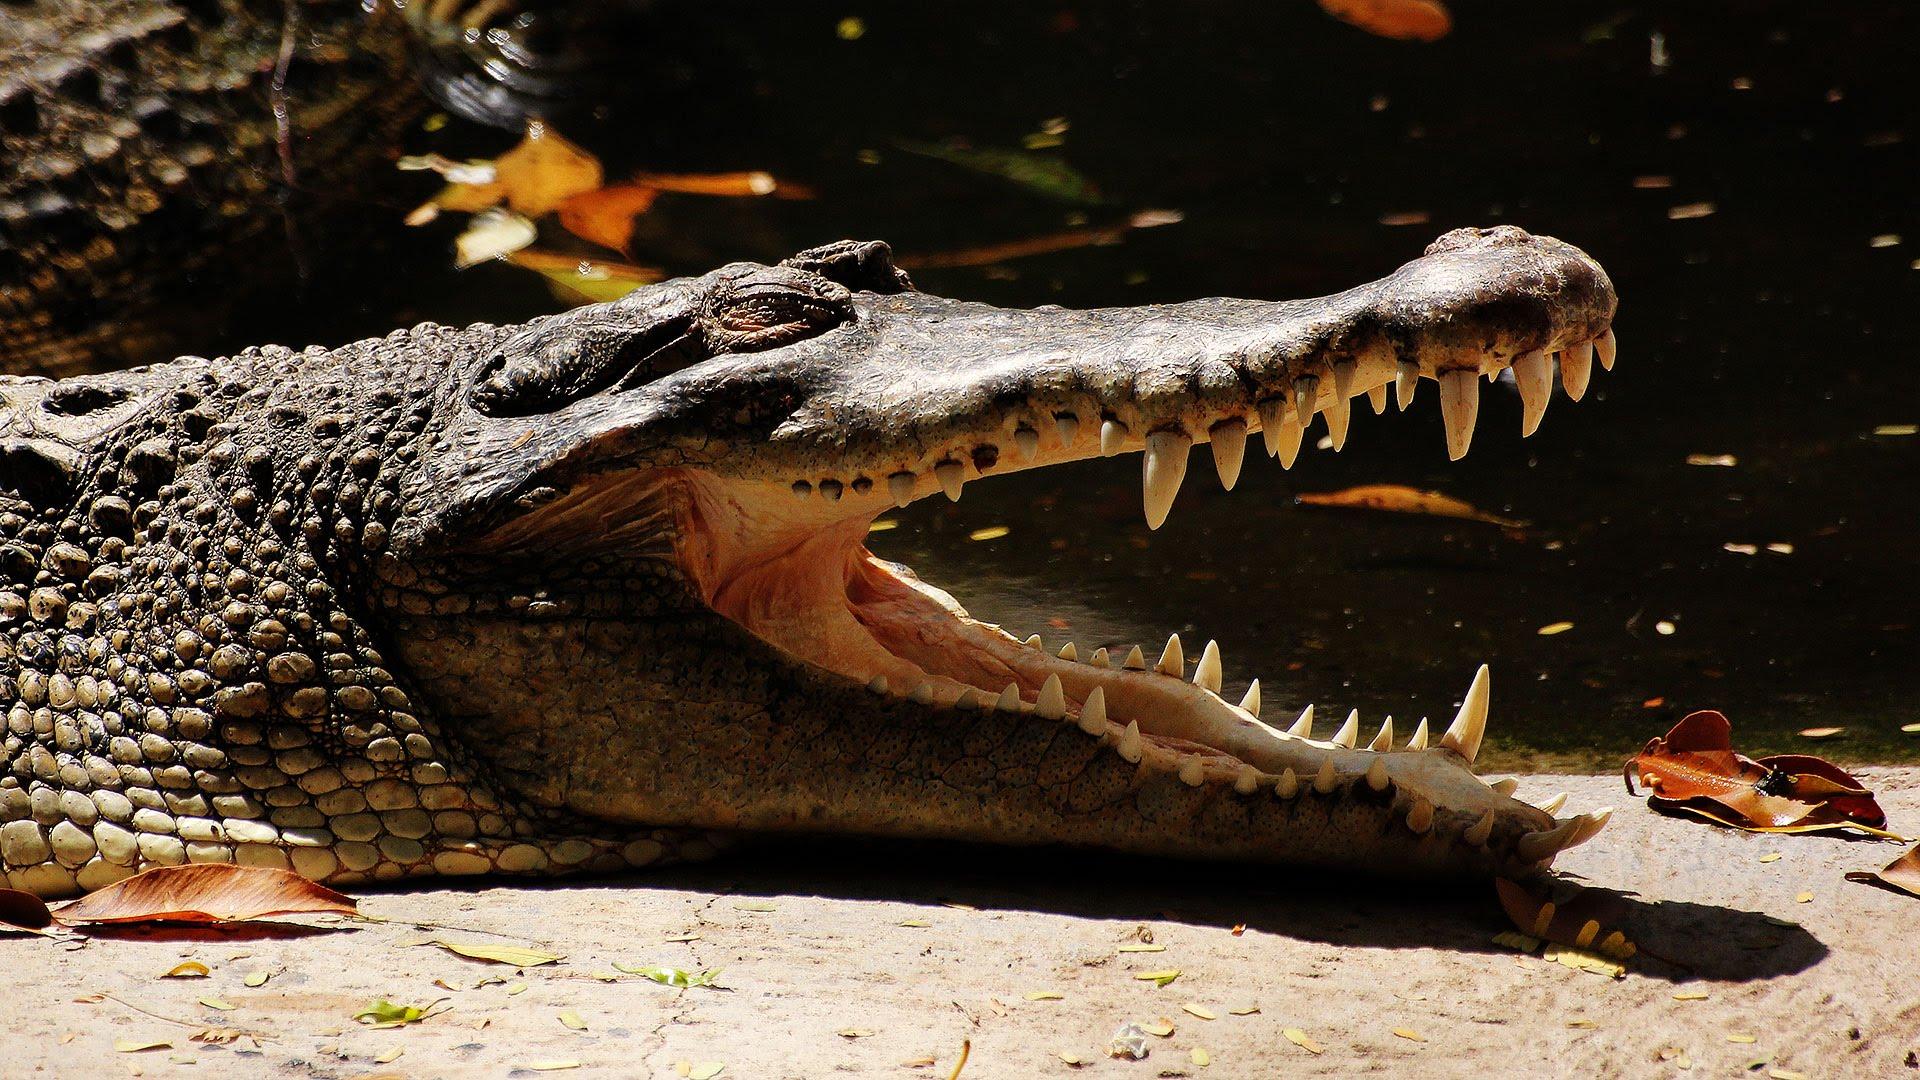 Zoo-Crocodile